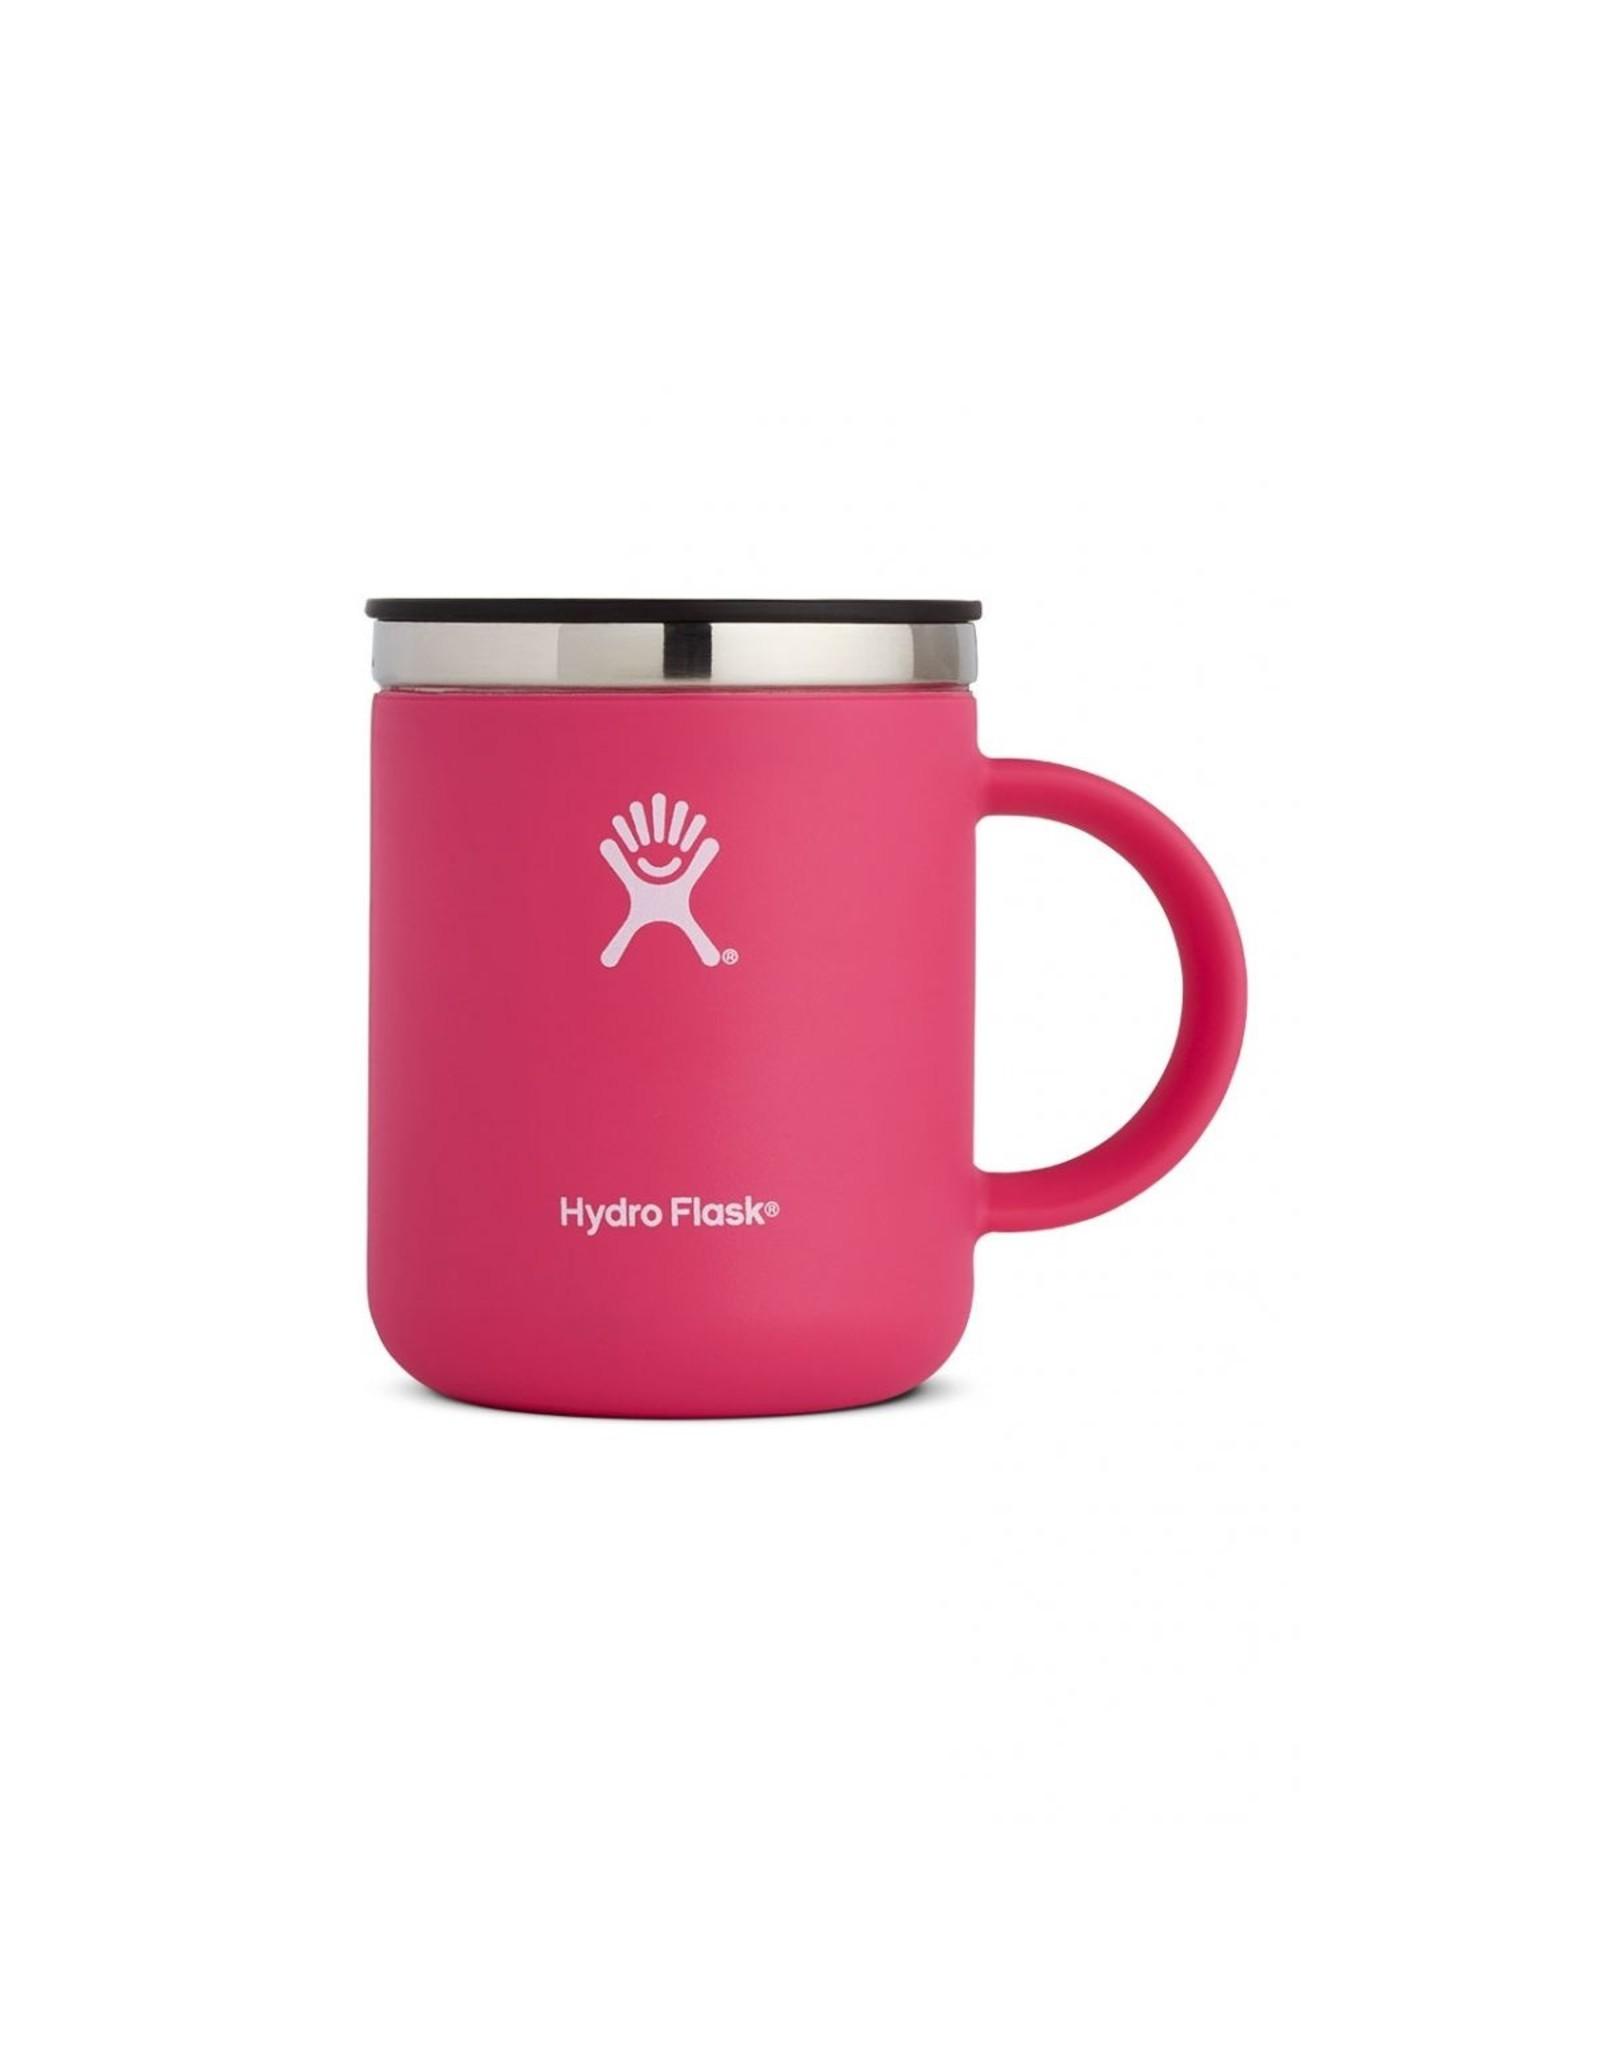 HYDRO FLASK HYDRO FLASK 12OZ COFFEE MUG-WATERMELON